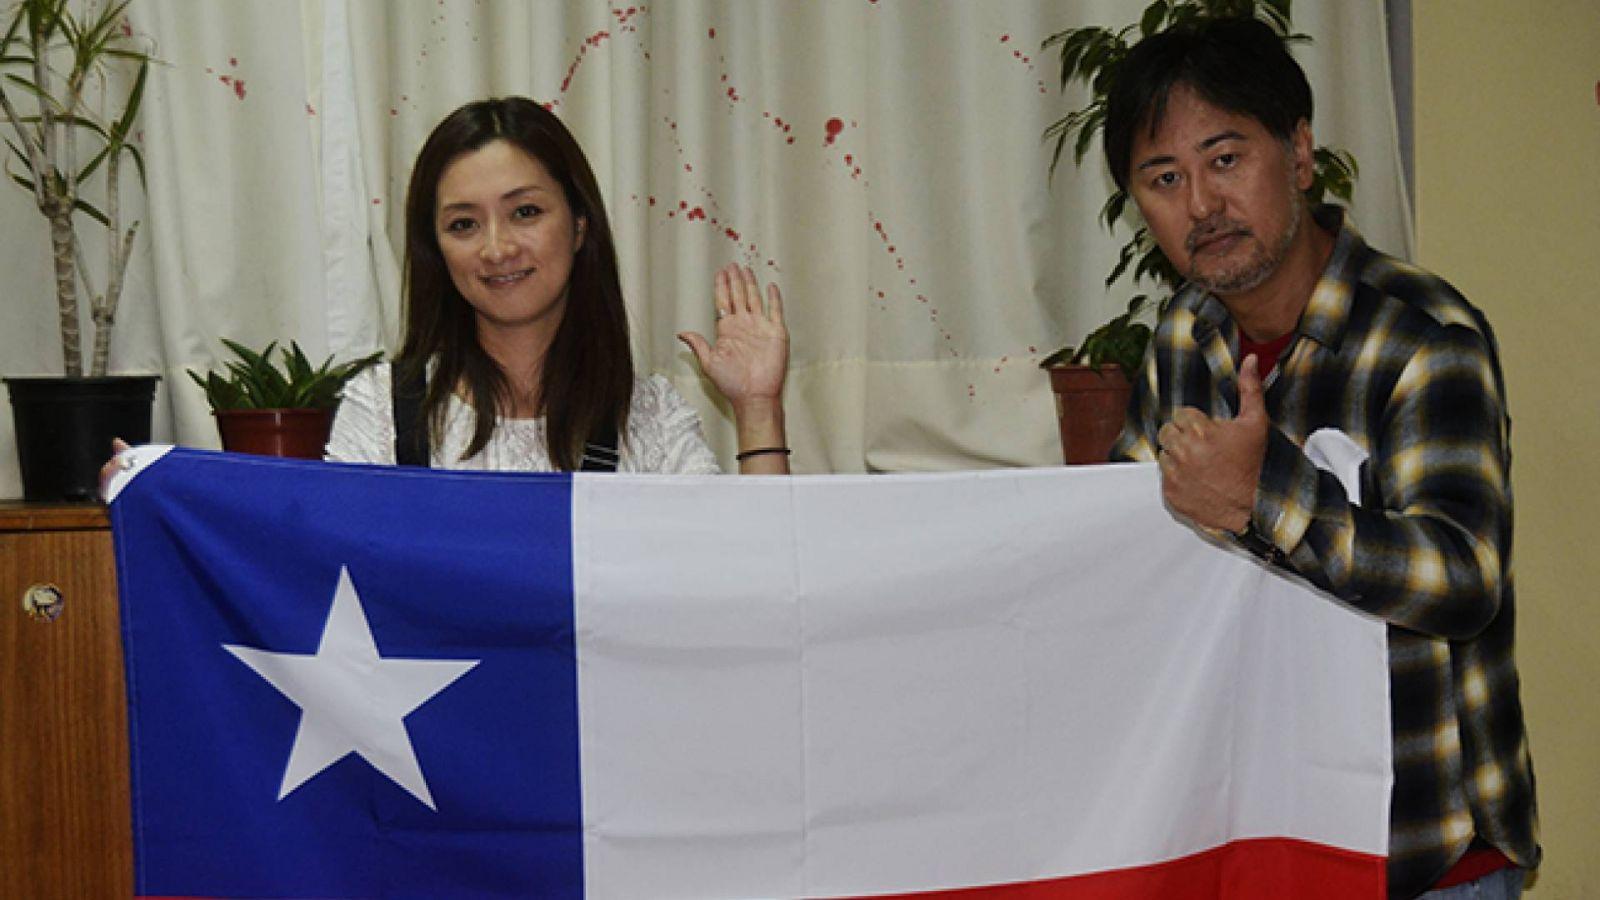 Entrevista con Do As Infinity en Chile © JaME - Francisca Contreras Letelier